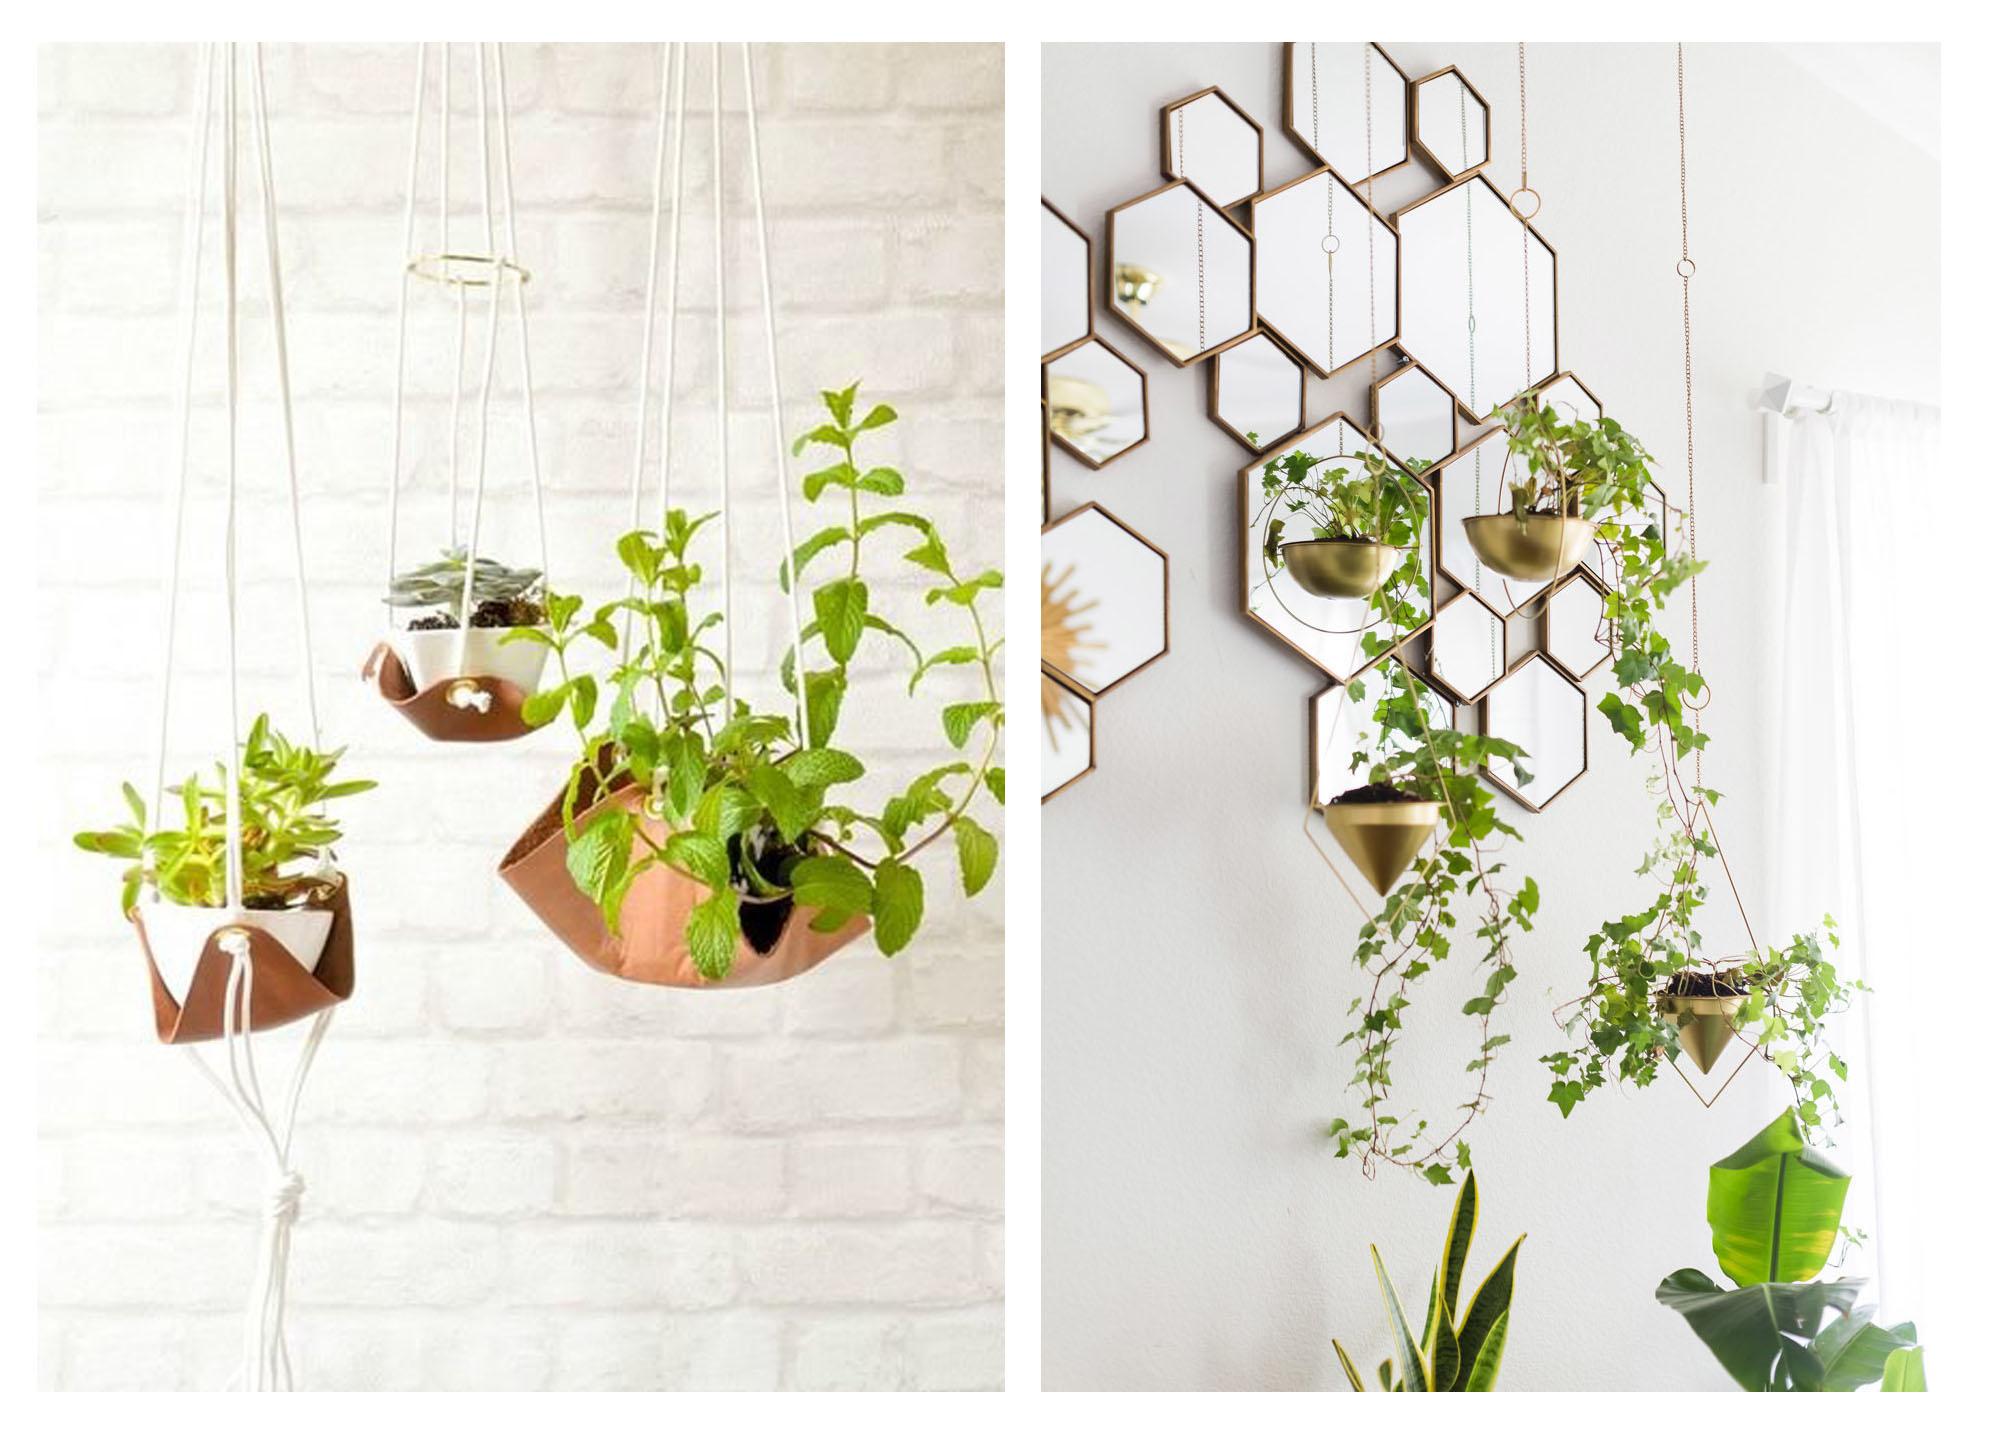 ایده هایی برای استفاده از گیاهان در دکوراسیون داخلی (بخش دوم)